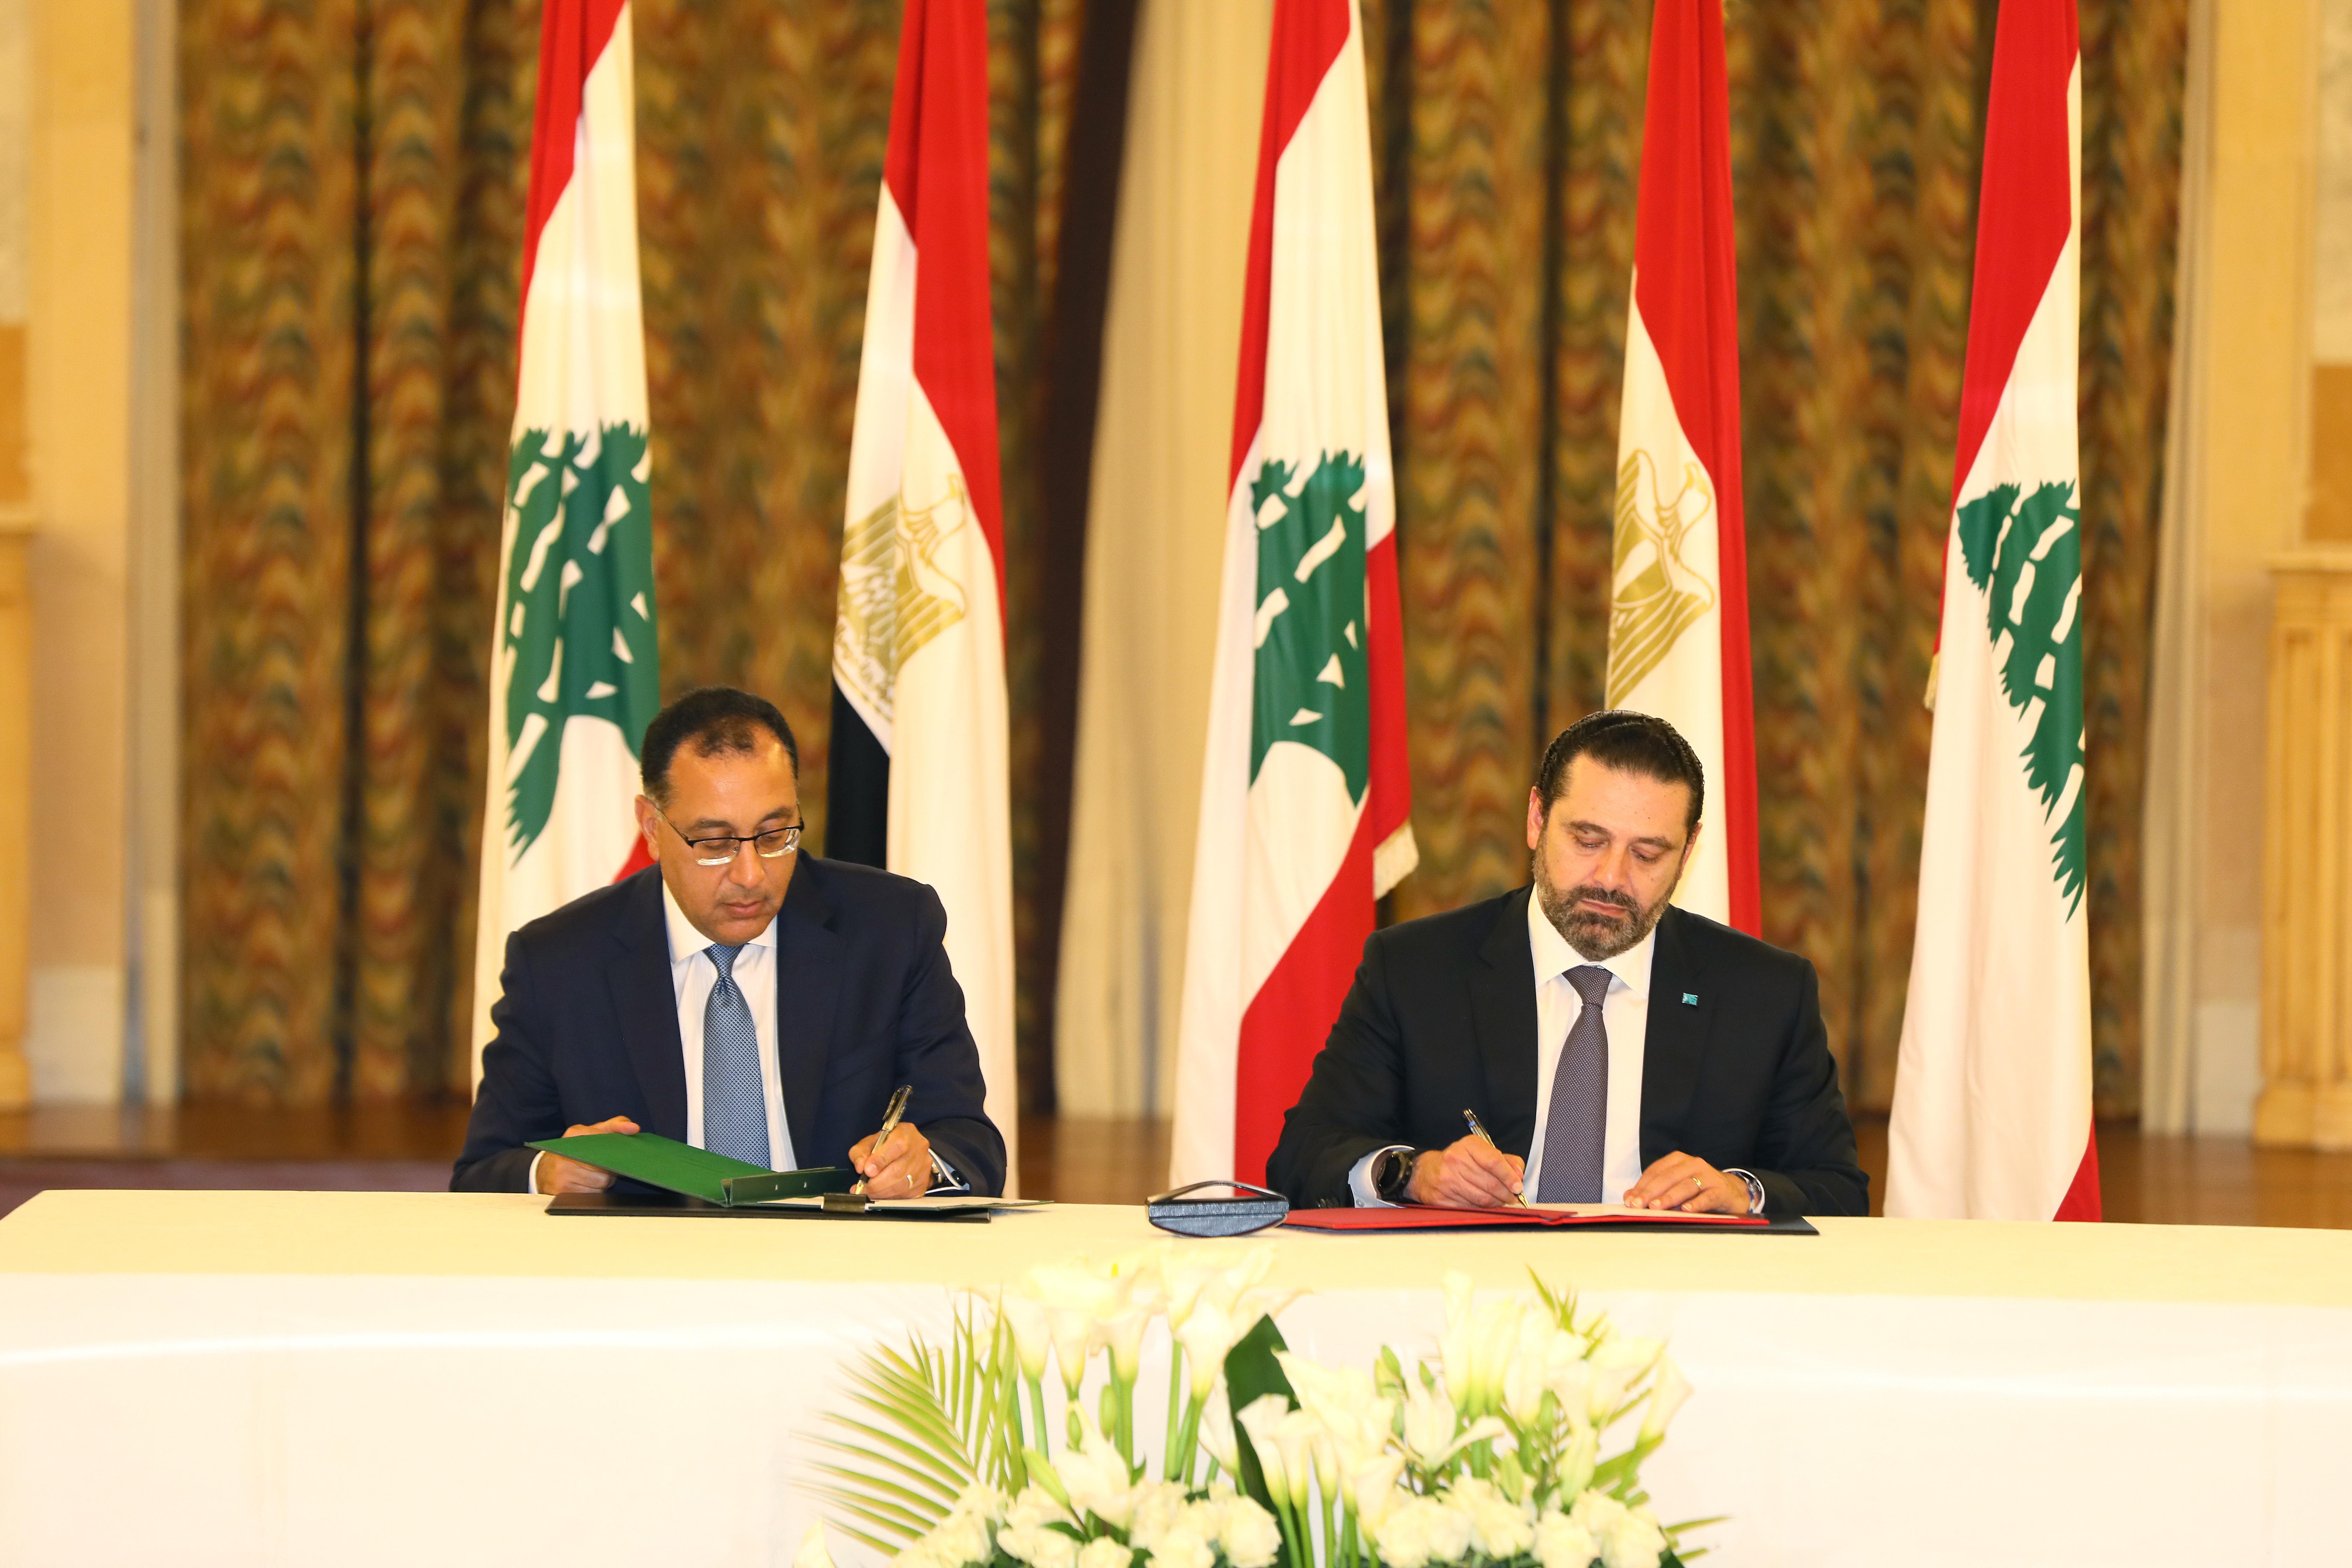 Pr Minister Saad Hariri meets Egyptian Pr Minister 4